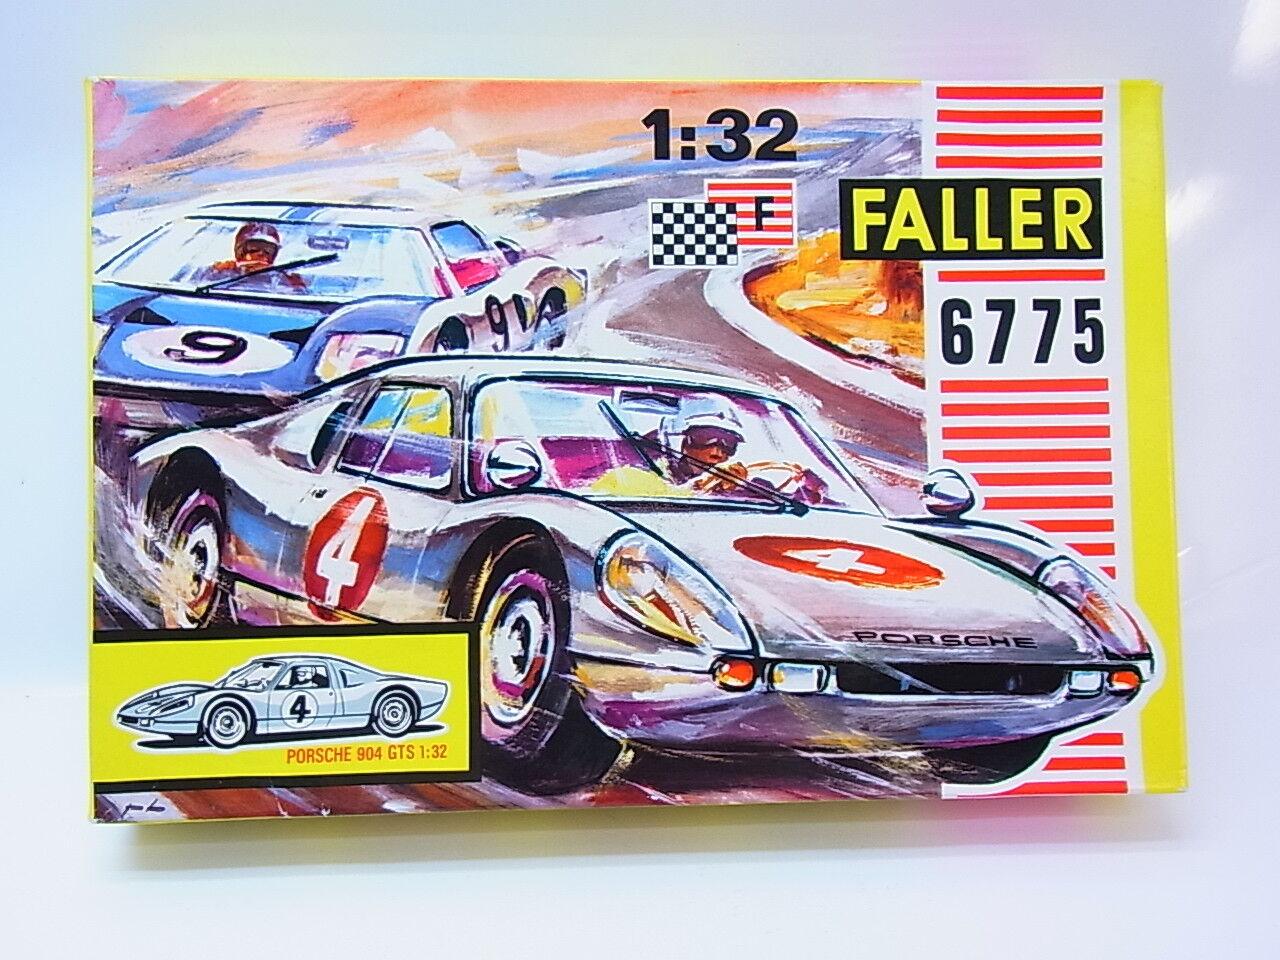 Lot 51585 | rarità: Faller 6775 PORSCHE 904 GTS KIT 1:32 modello di auto NUOVO OVP